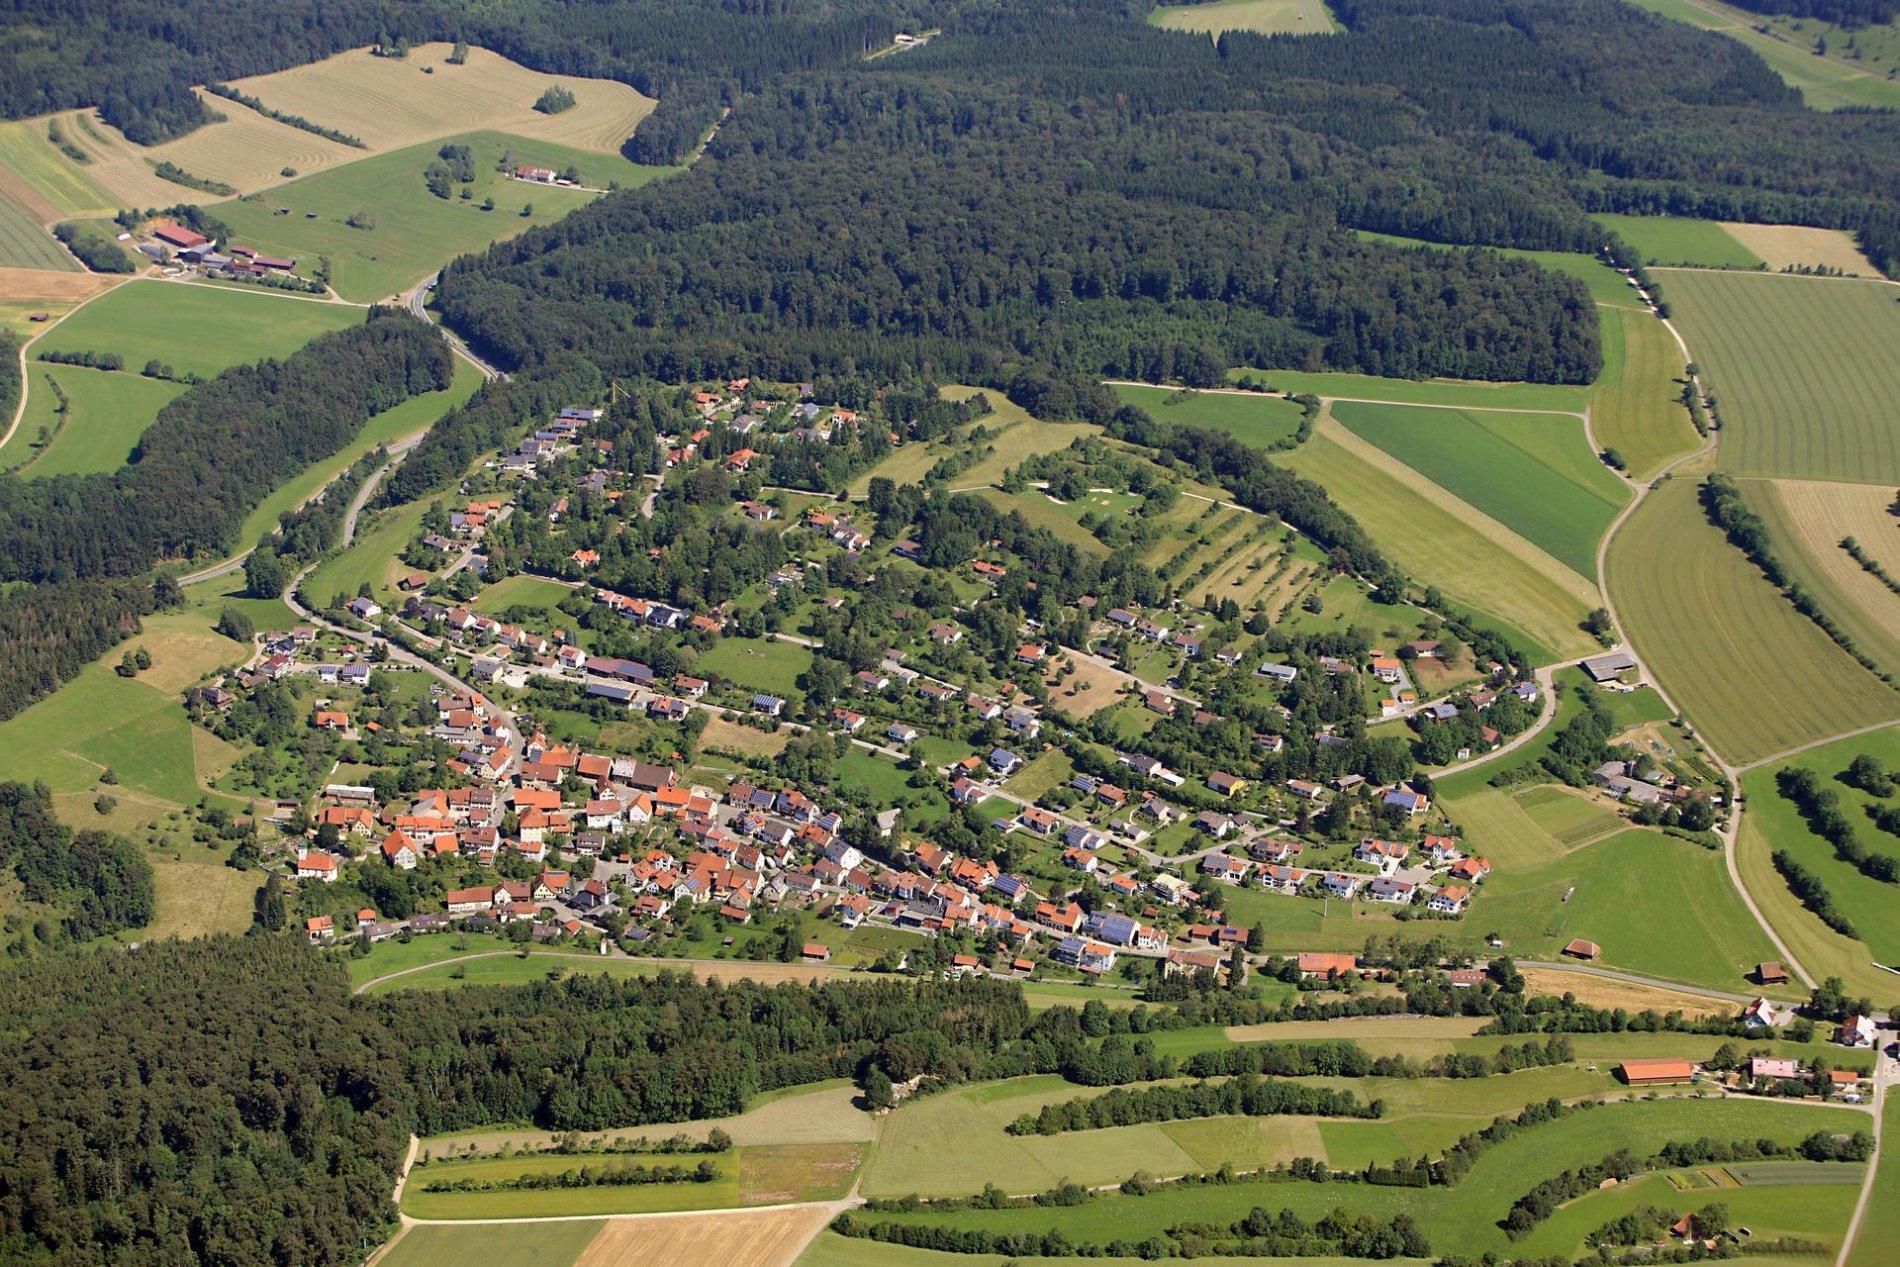 Ein Luftbild von einem Dorf. Ringsherum sind Felder und Wälder.